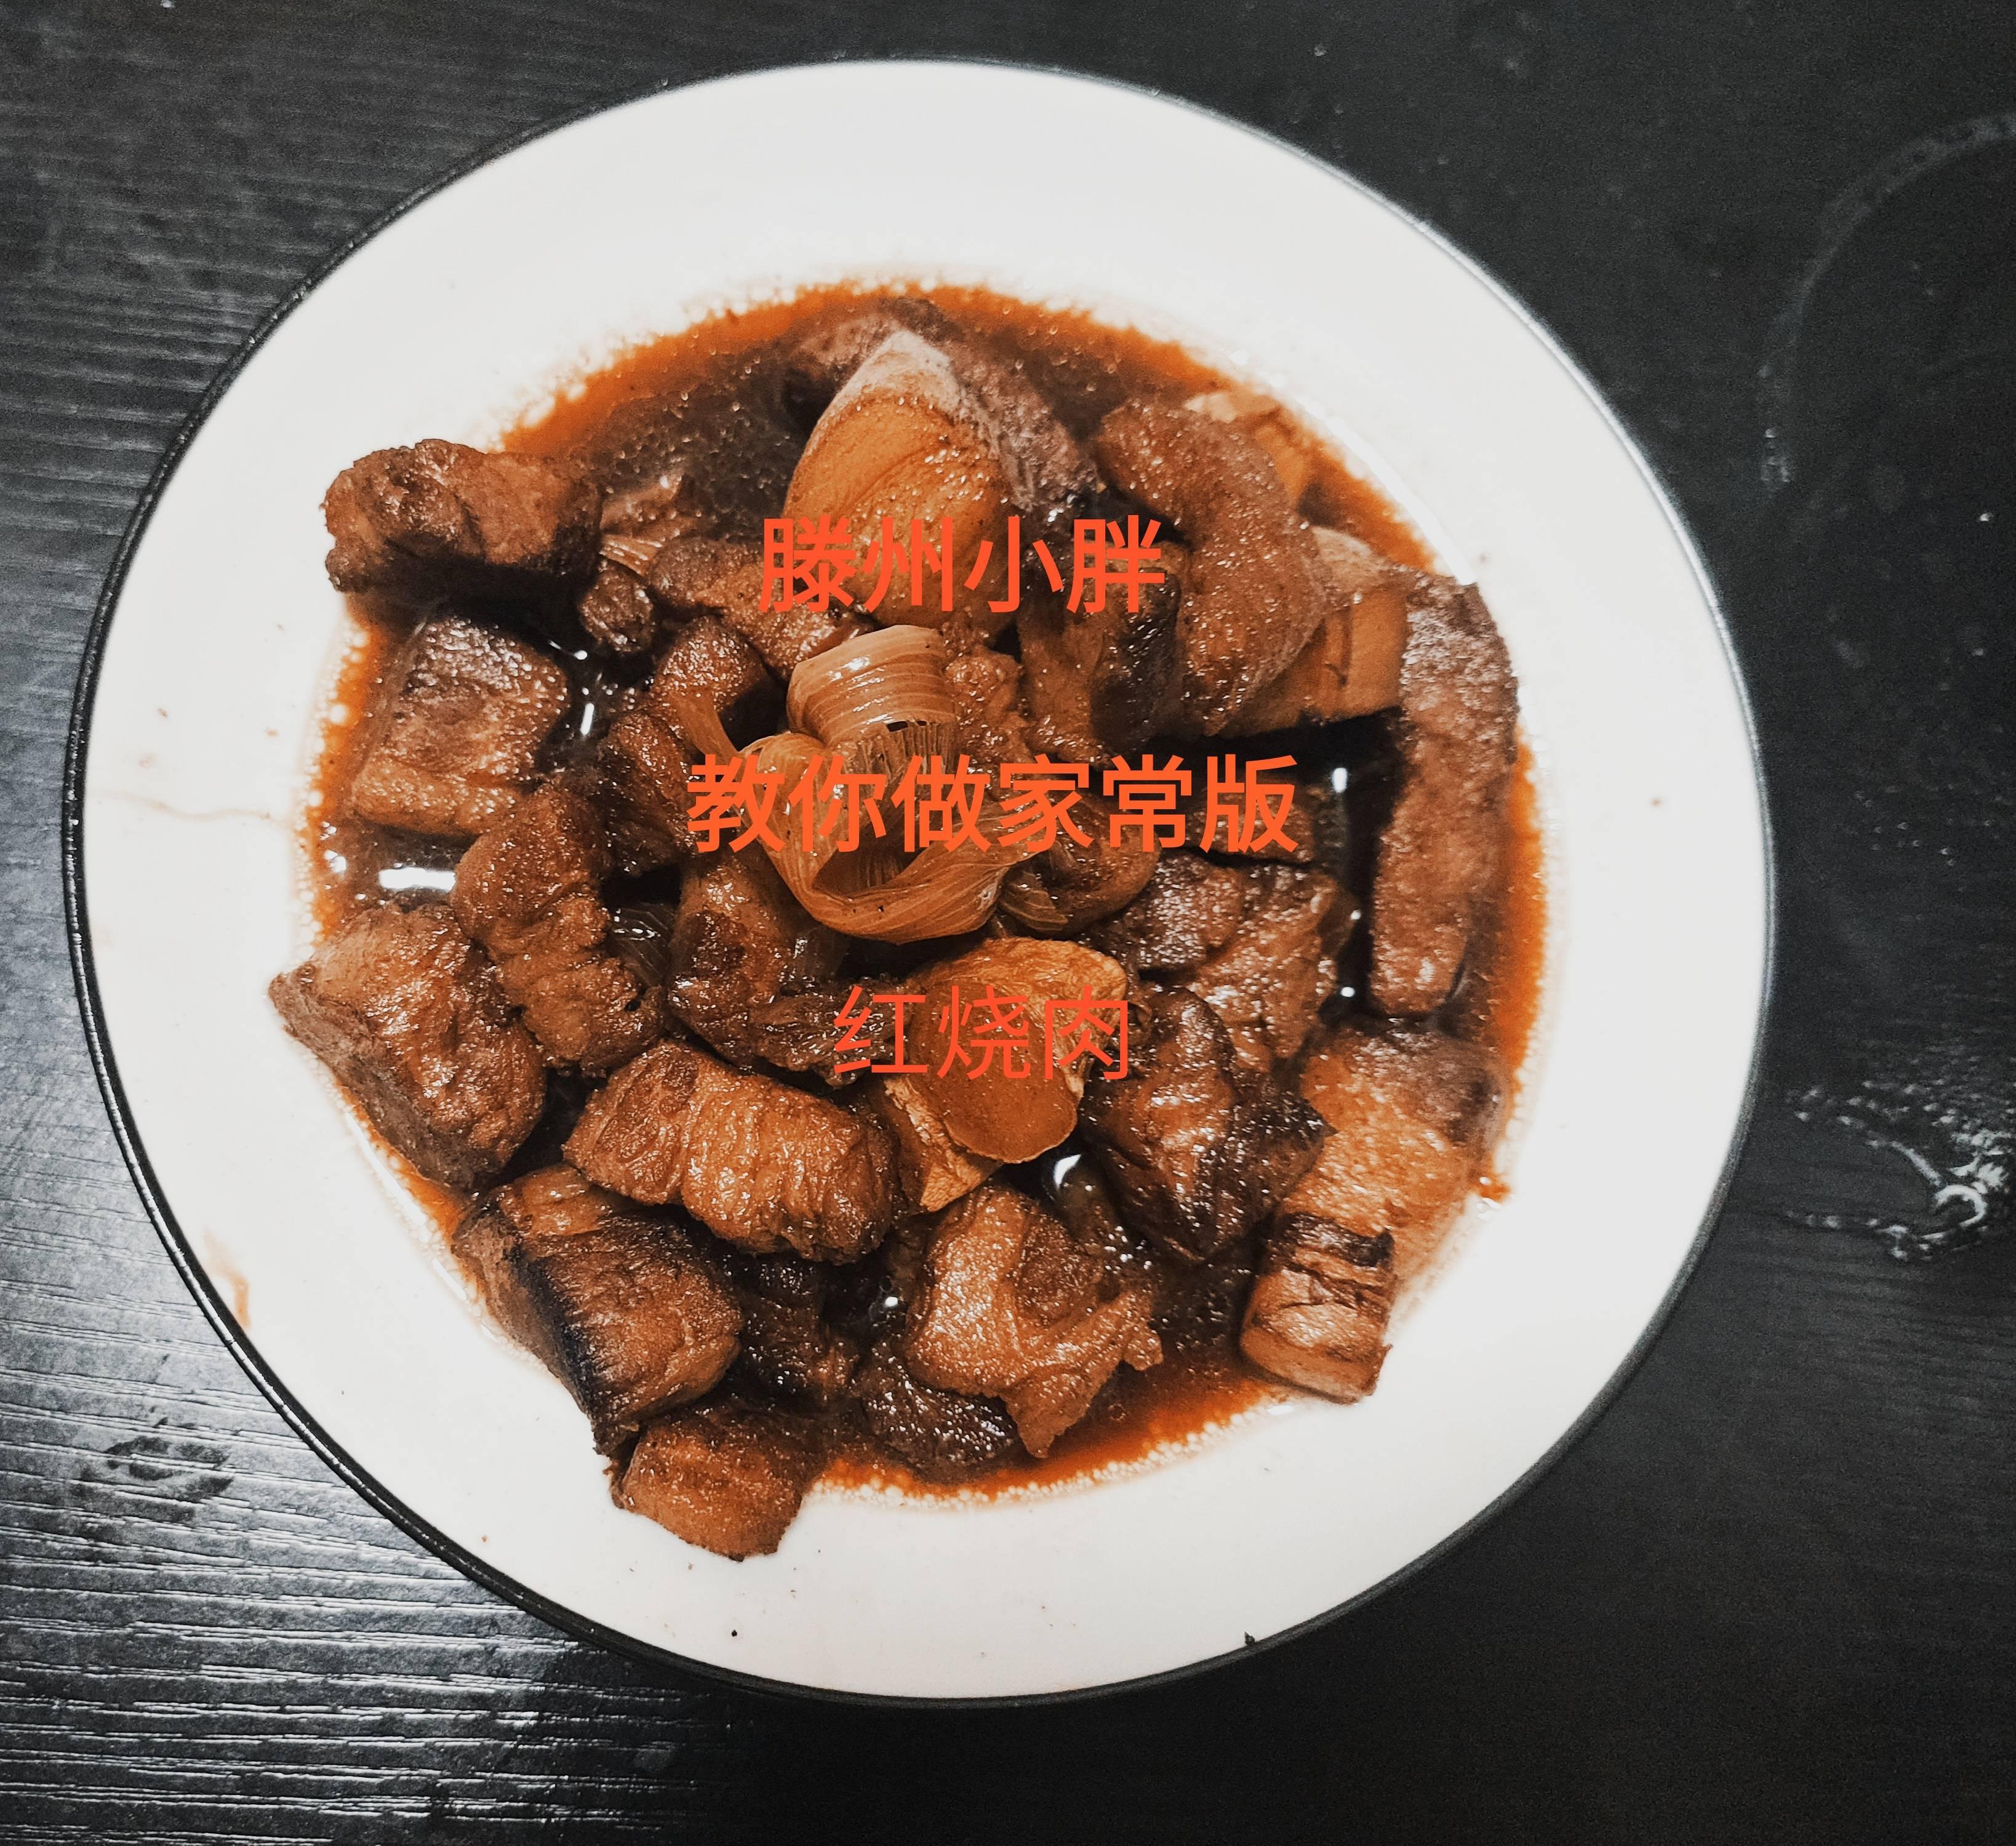 中秋应该有家宴 推荐几款好吃的中秋家宴美食 很漂亮